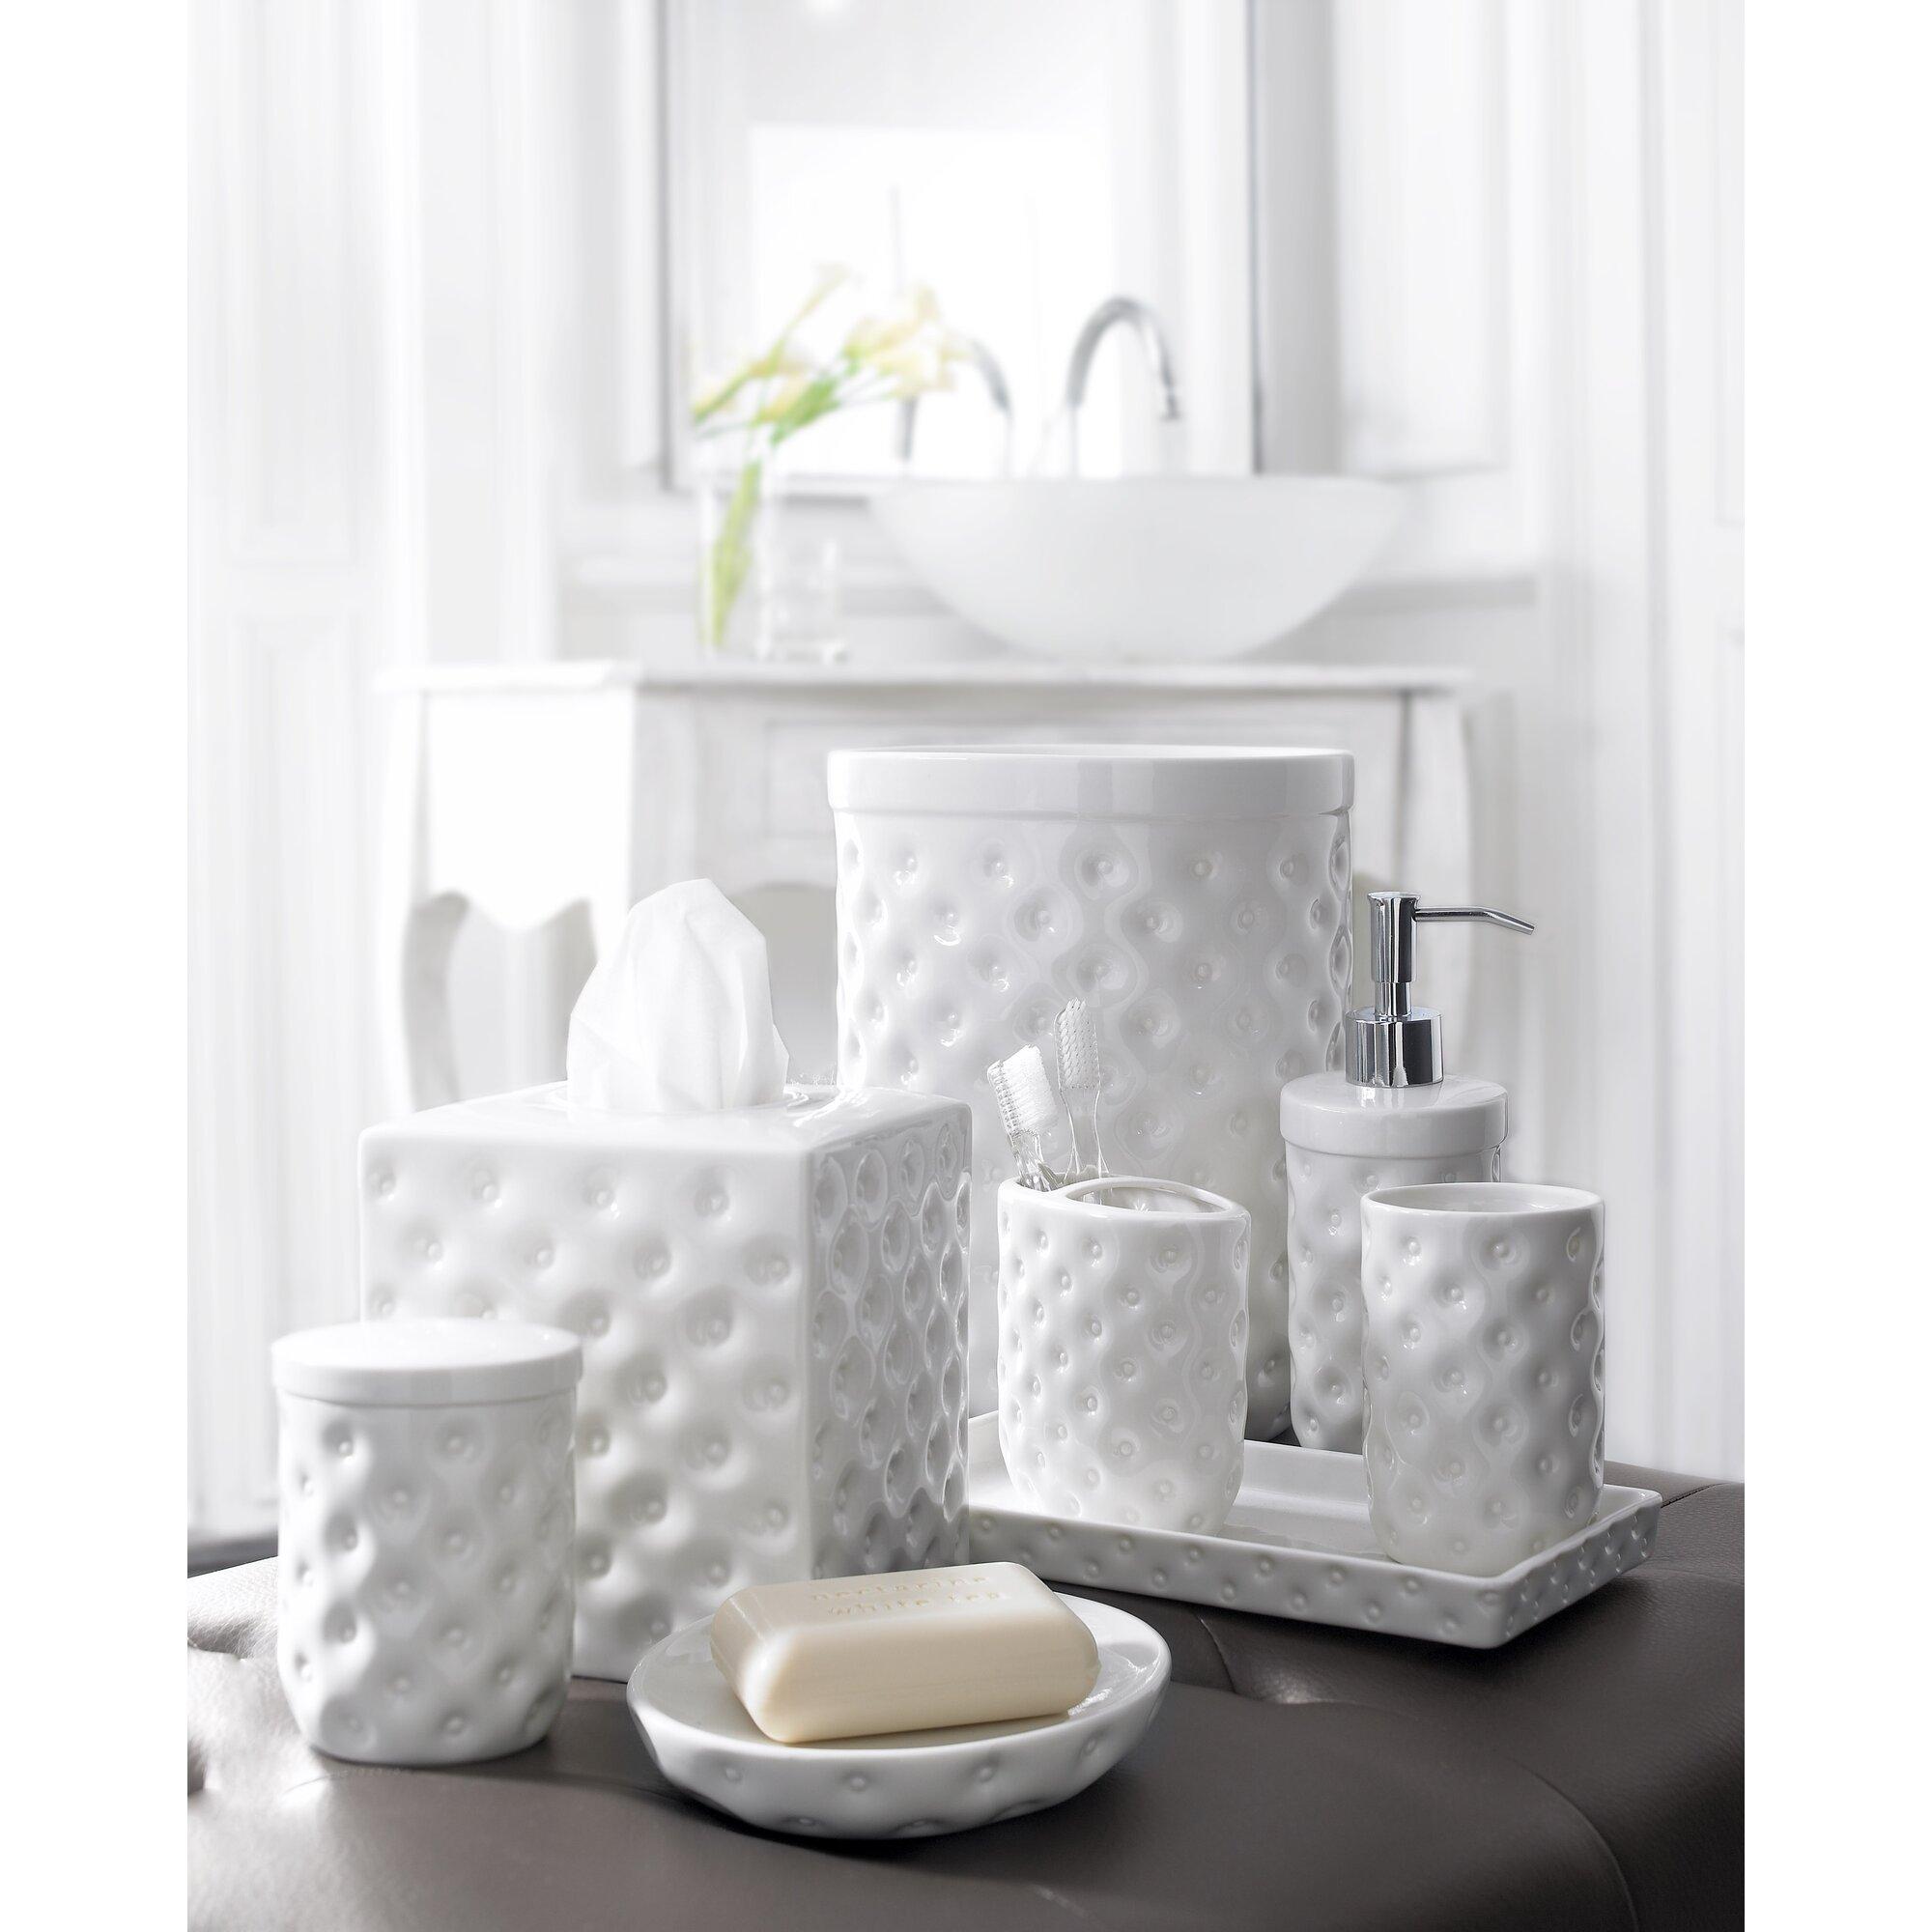 Savoy Collection Bath Accessories Waste Basket